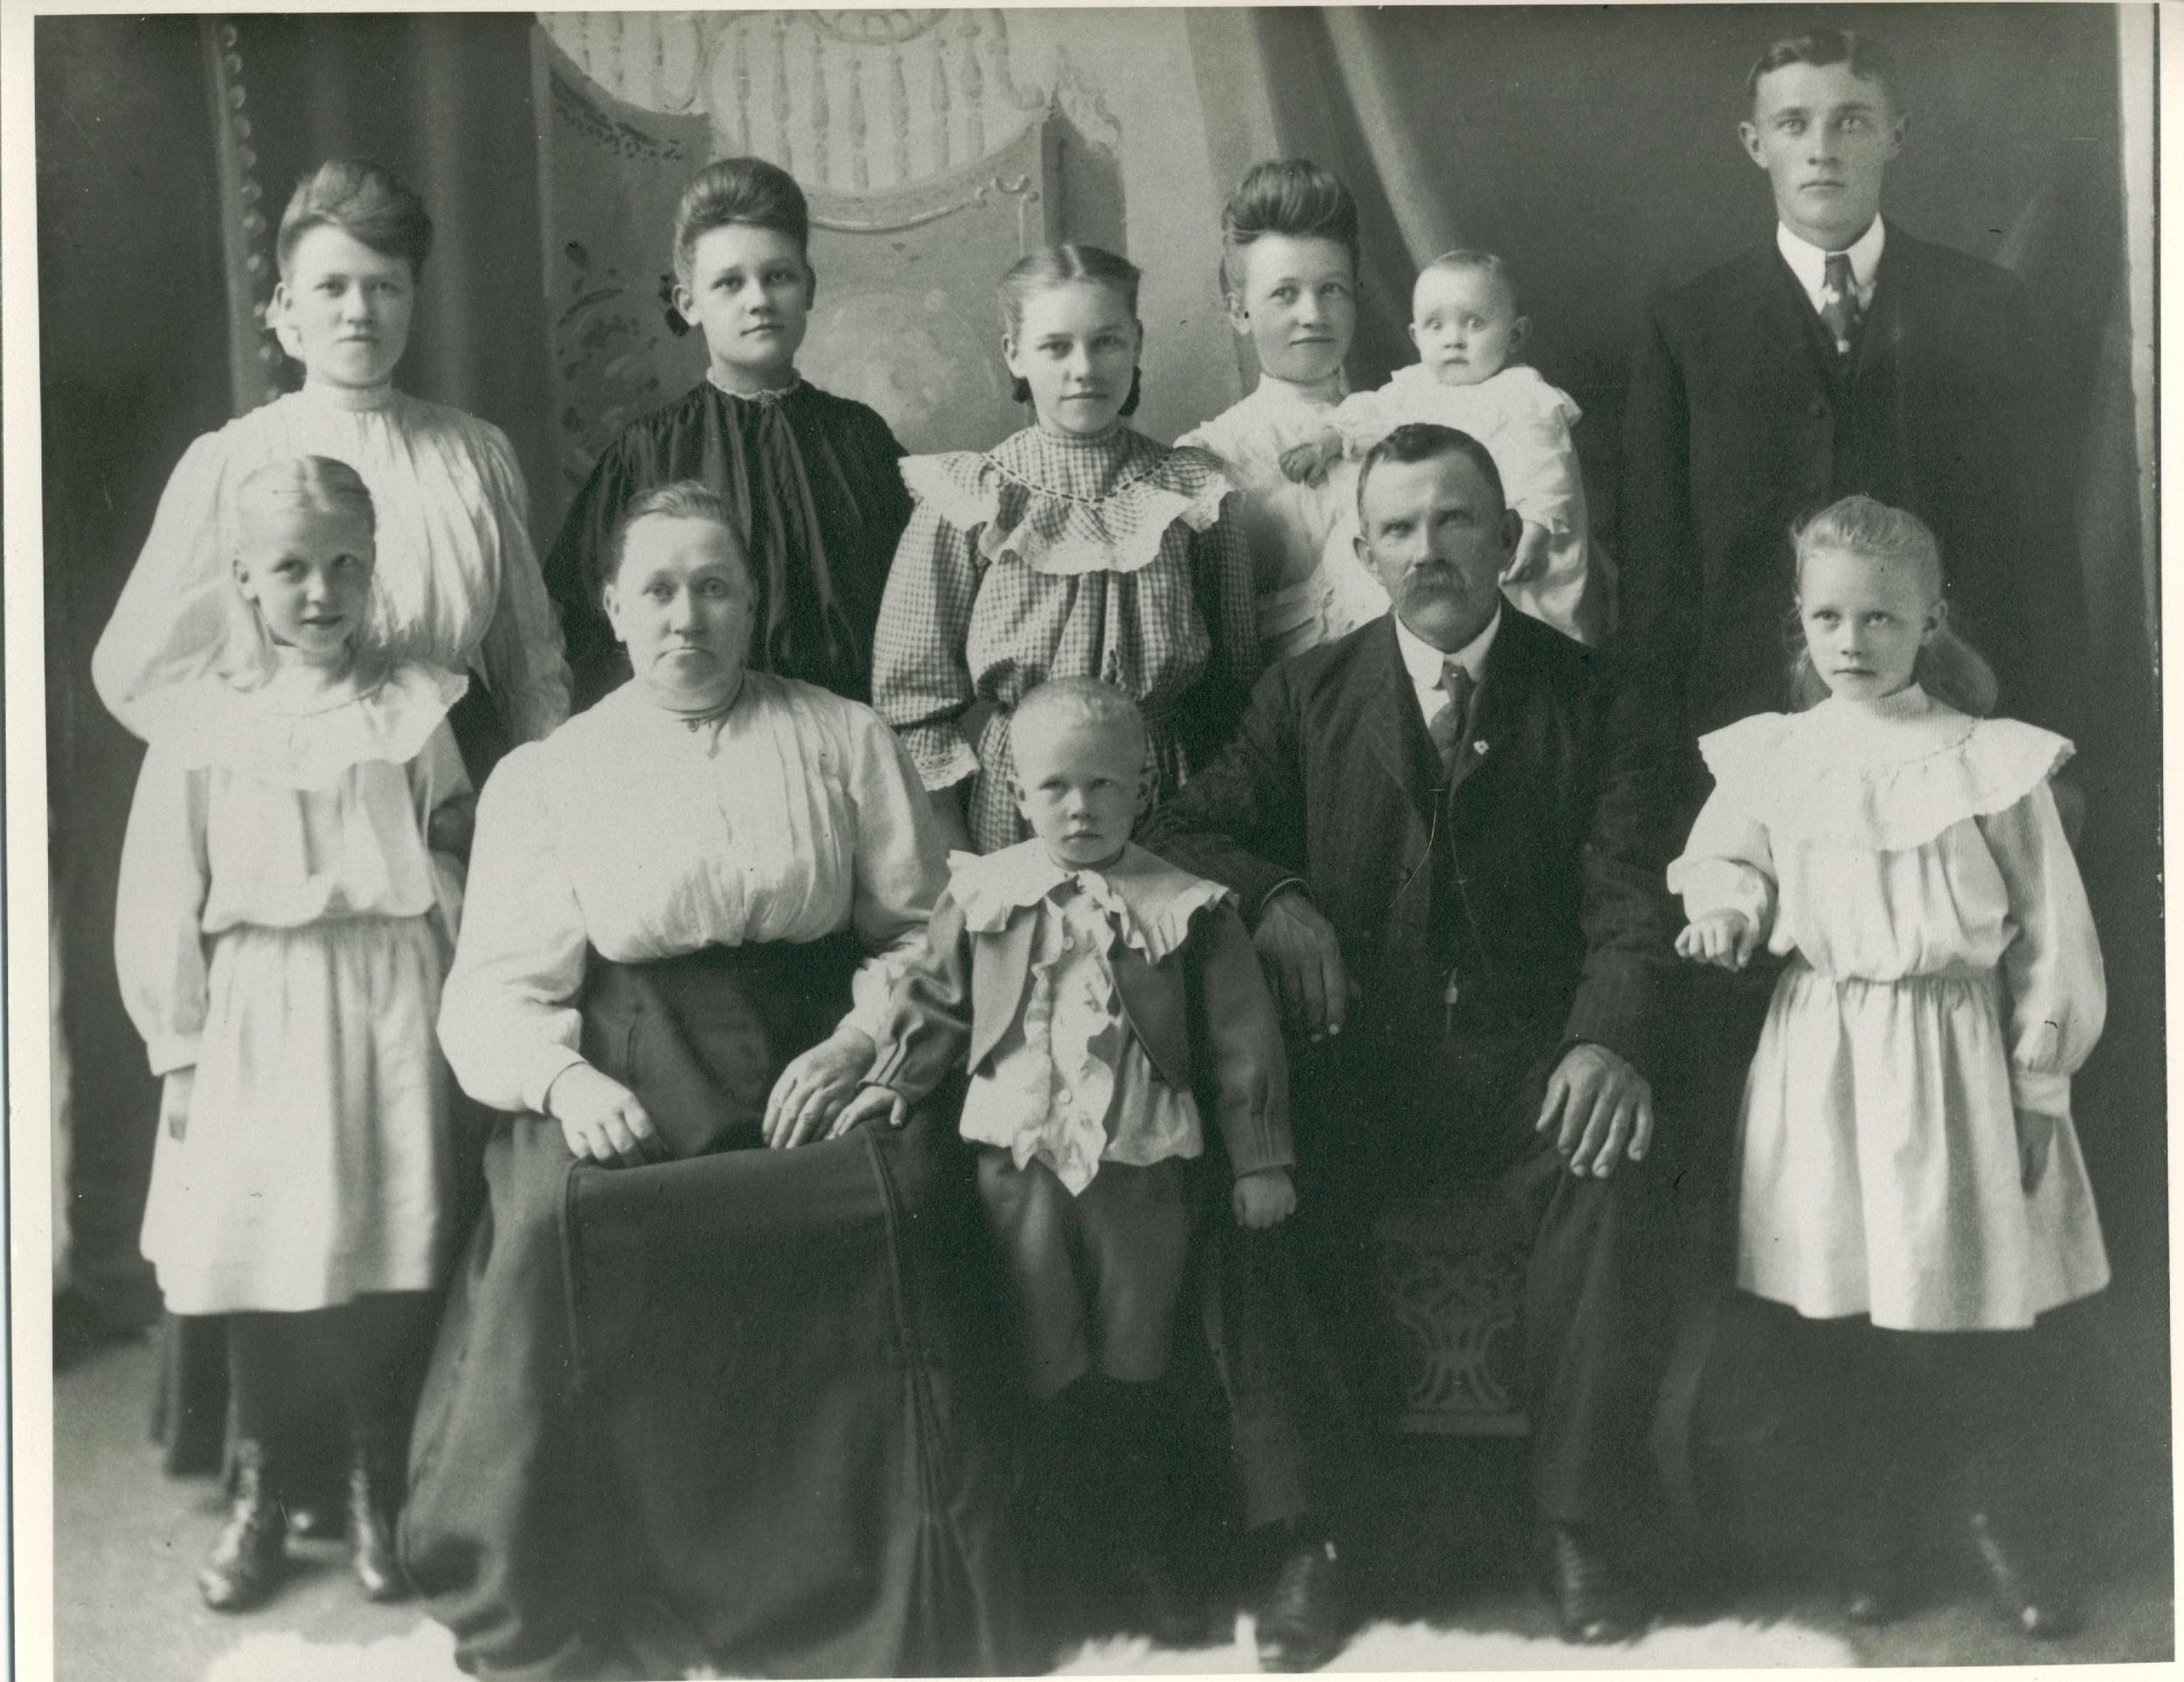 Anders og Maren Melås Lia med barn, tatt i begynnelsen av 1900-tallet i USA.